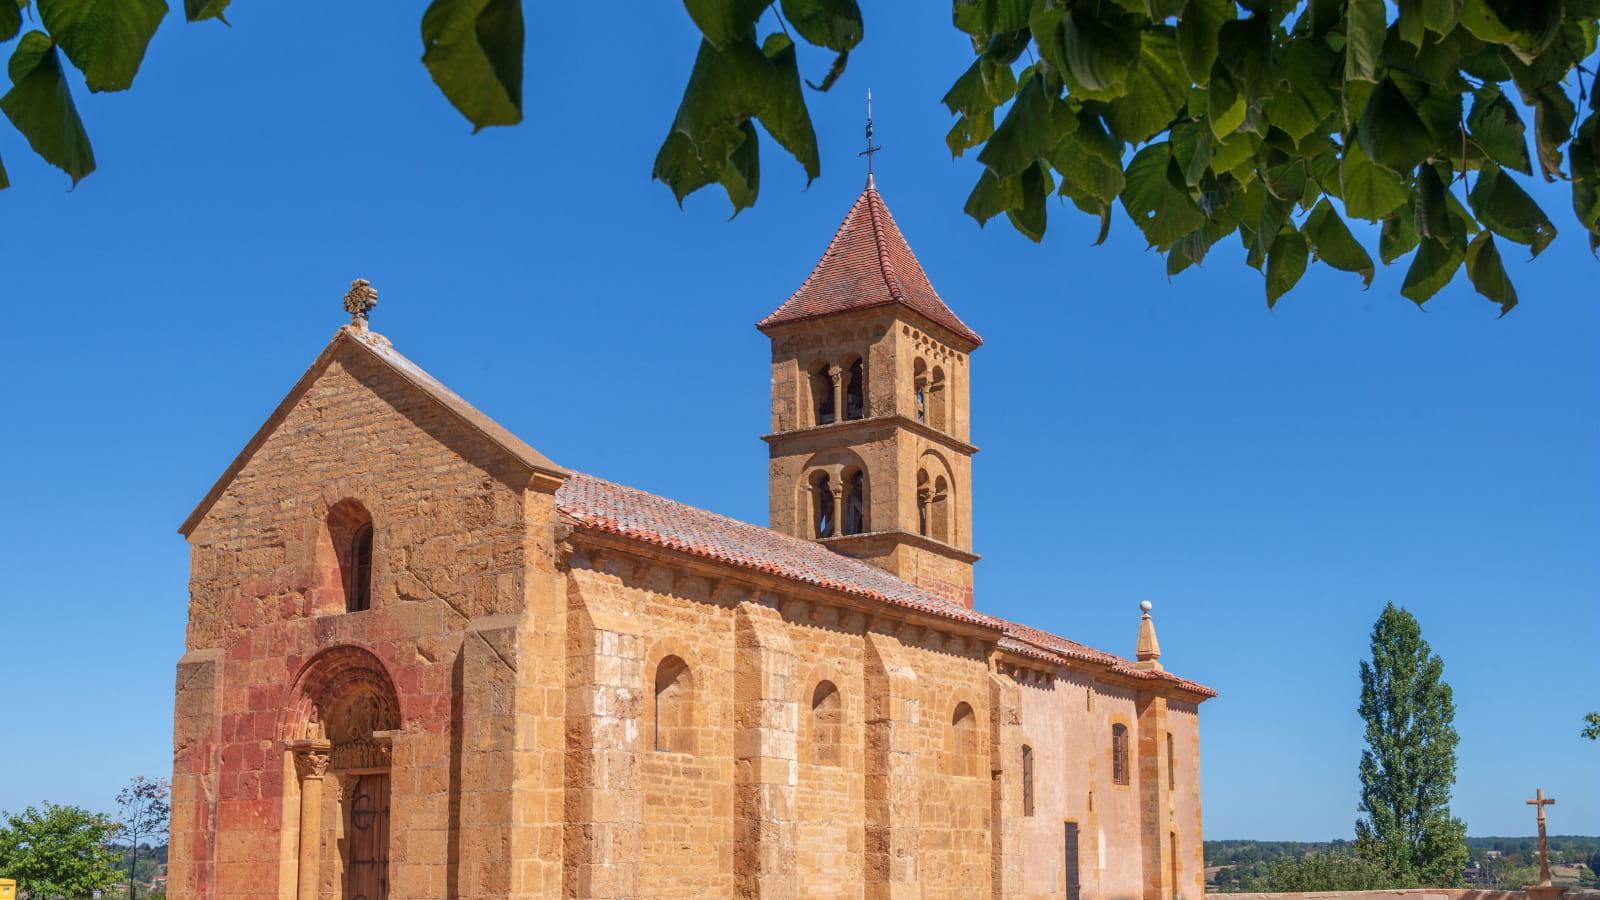 Eglise romane de Montceaux-l'Étoile